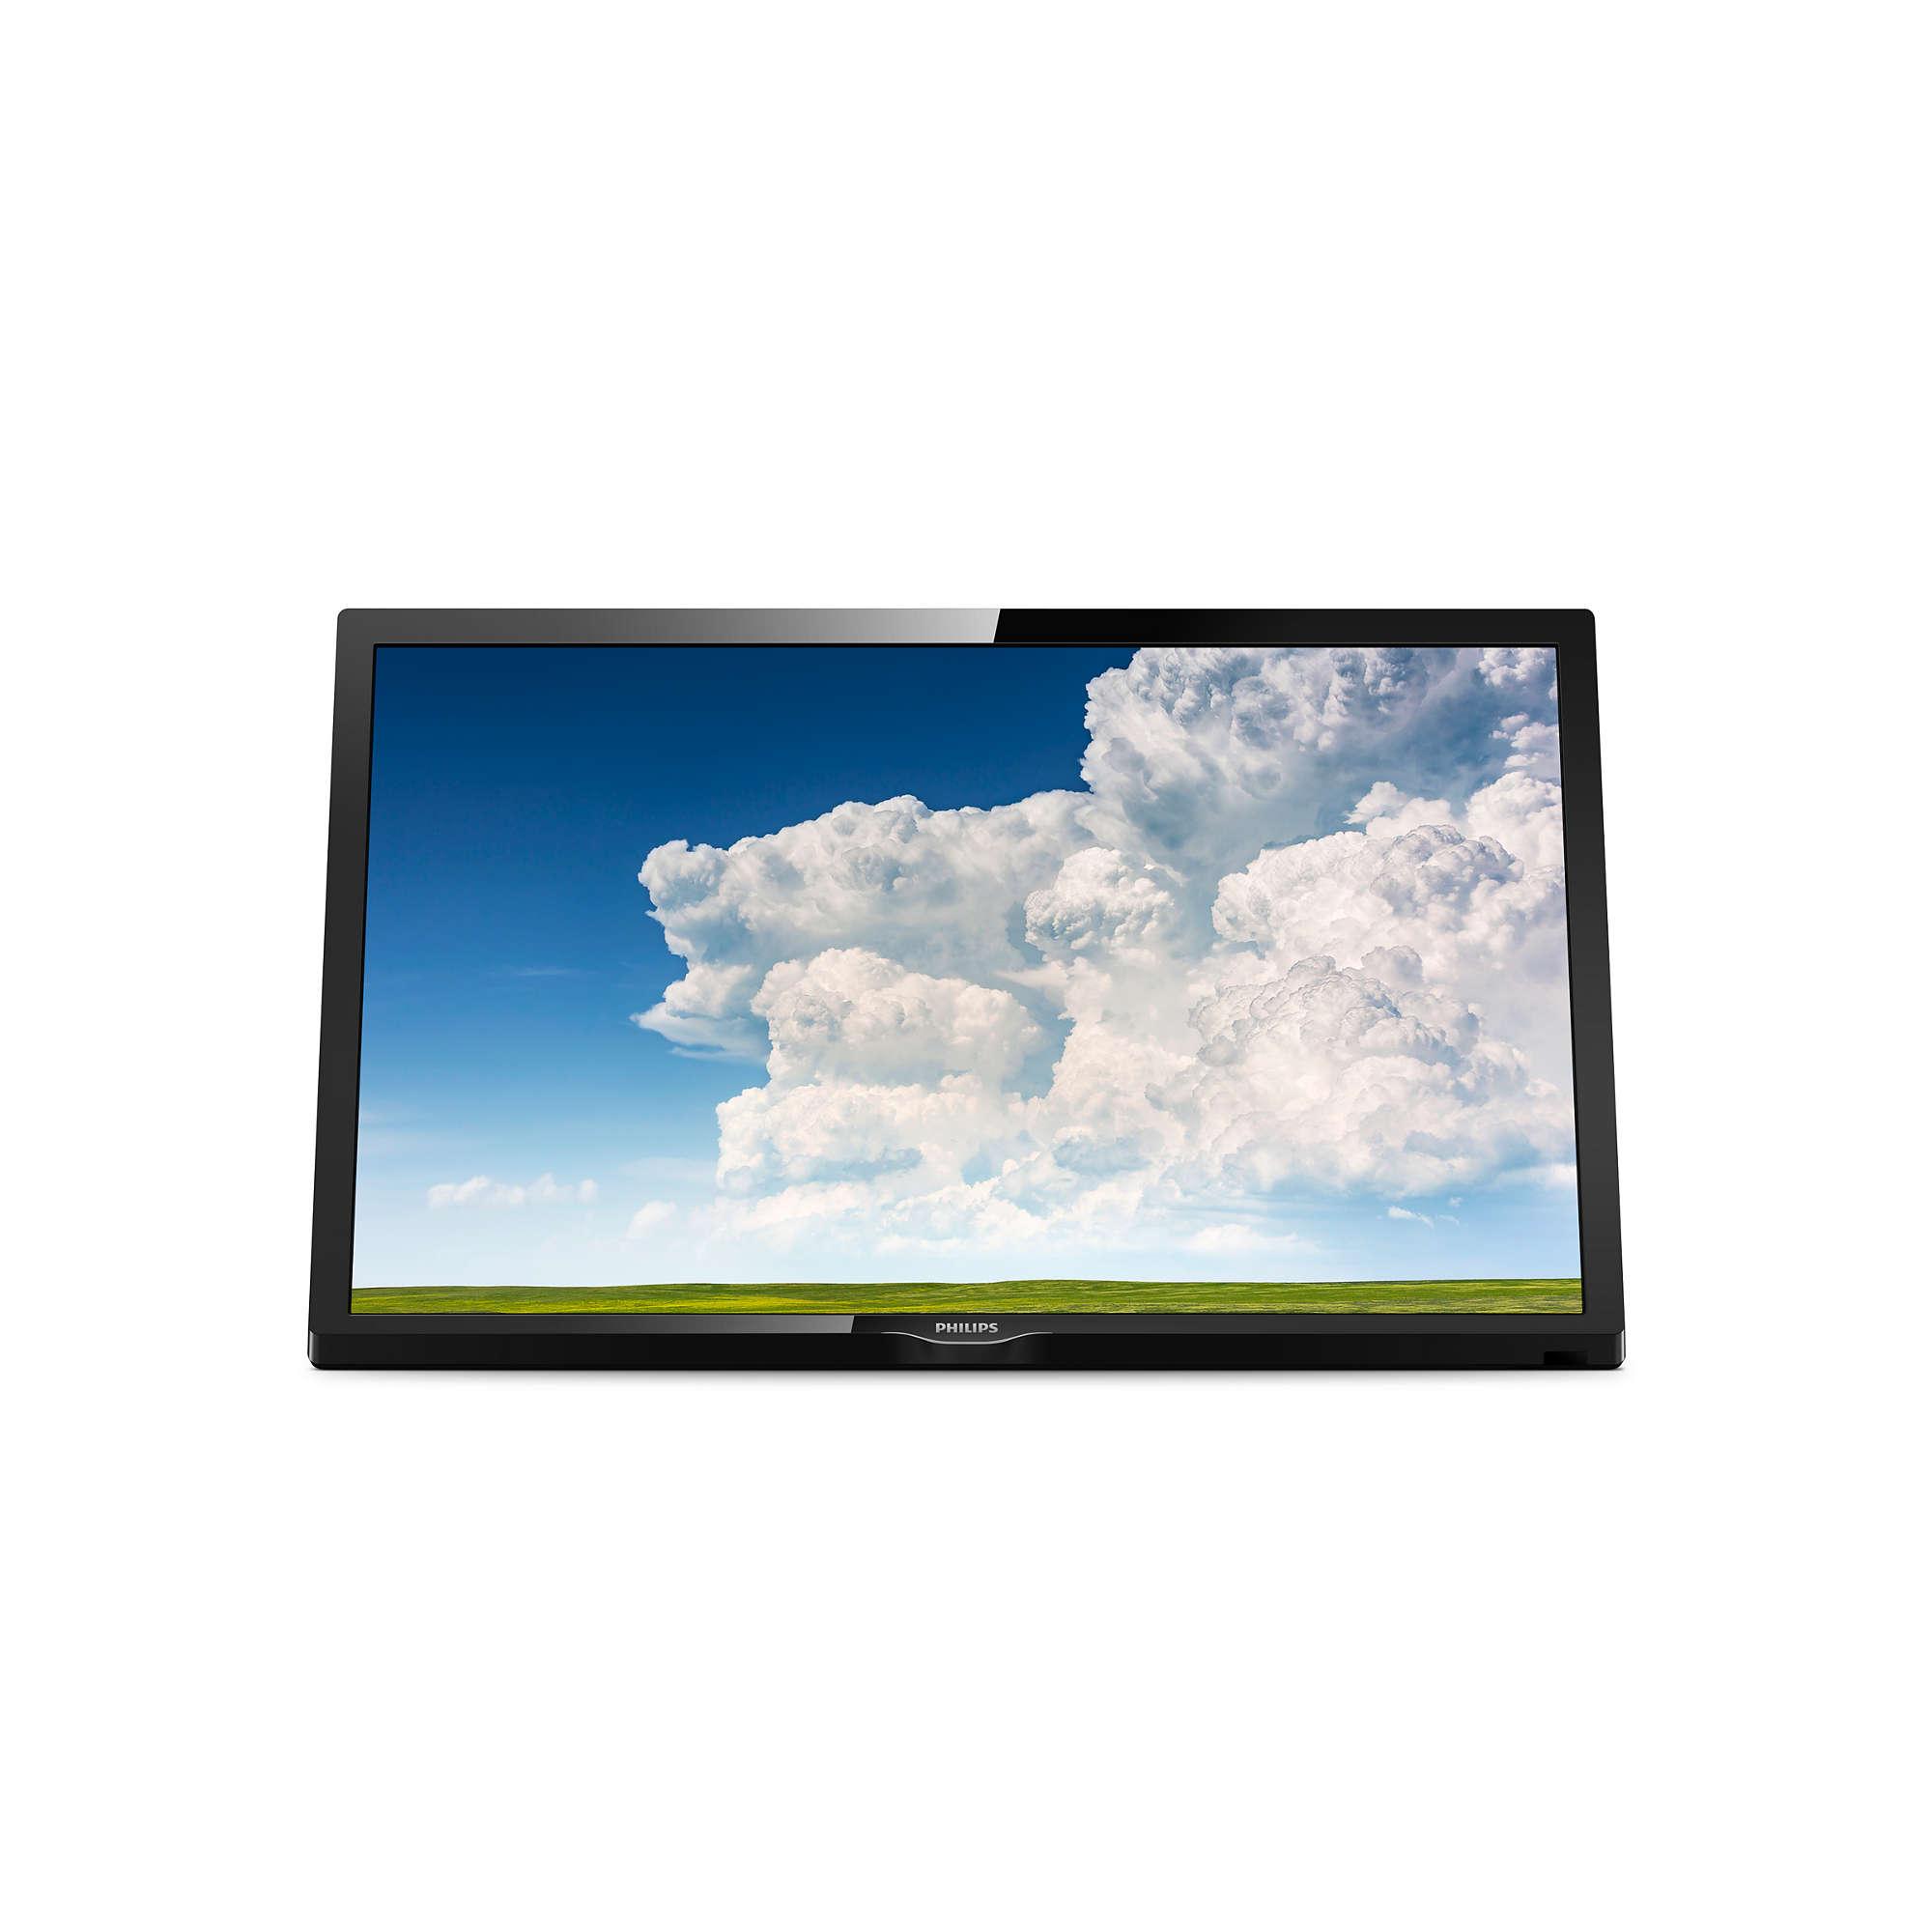 Philips 24PHS4304/12  24 (60 cm), LED HD, 1366 x 768, DVB-T/T2/C/S/S2, Black LED Televizors